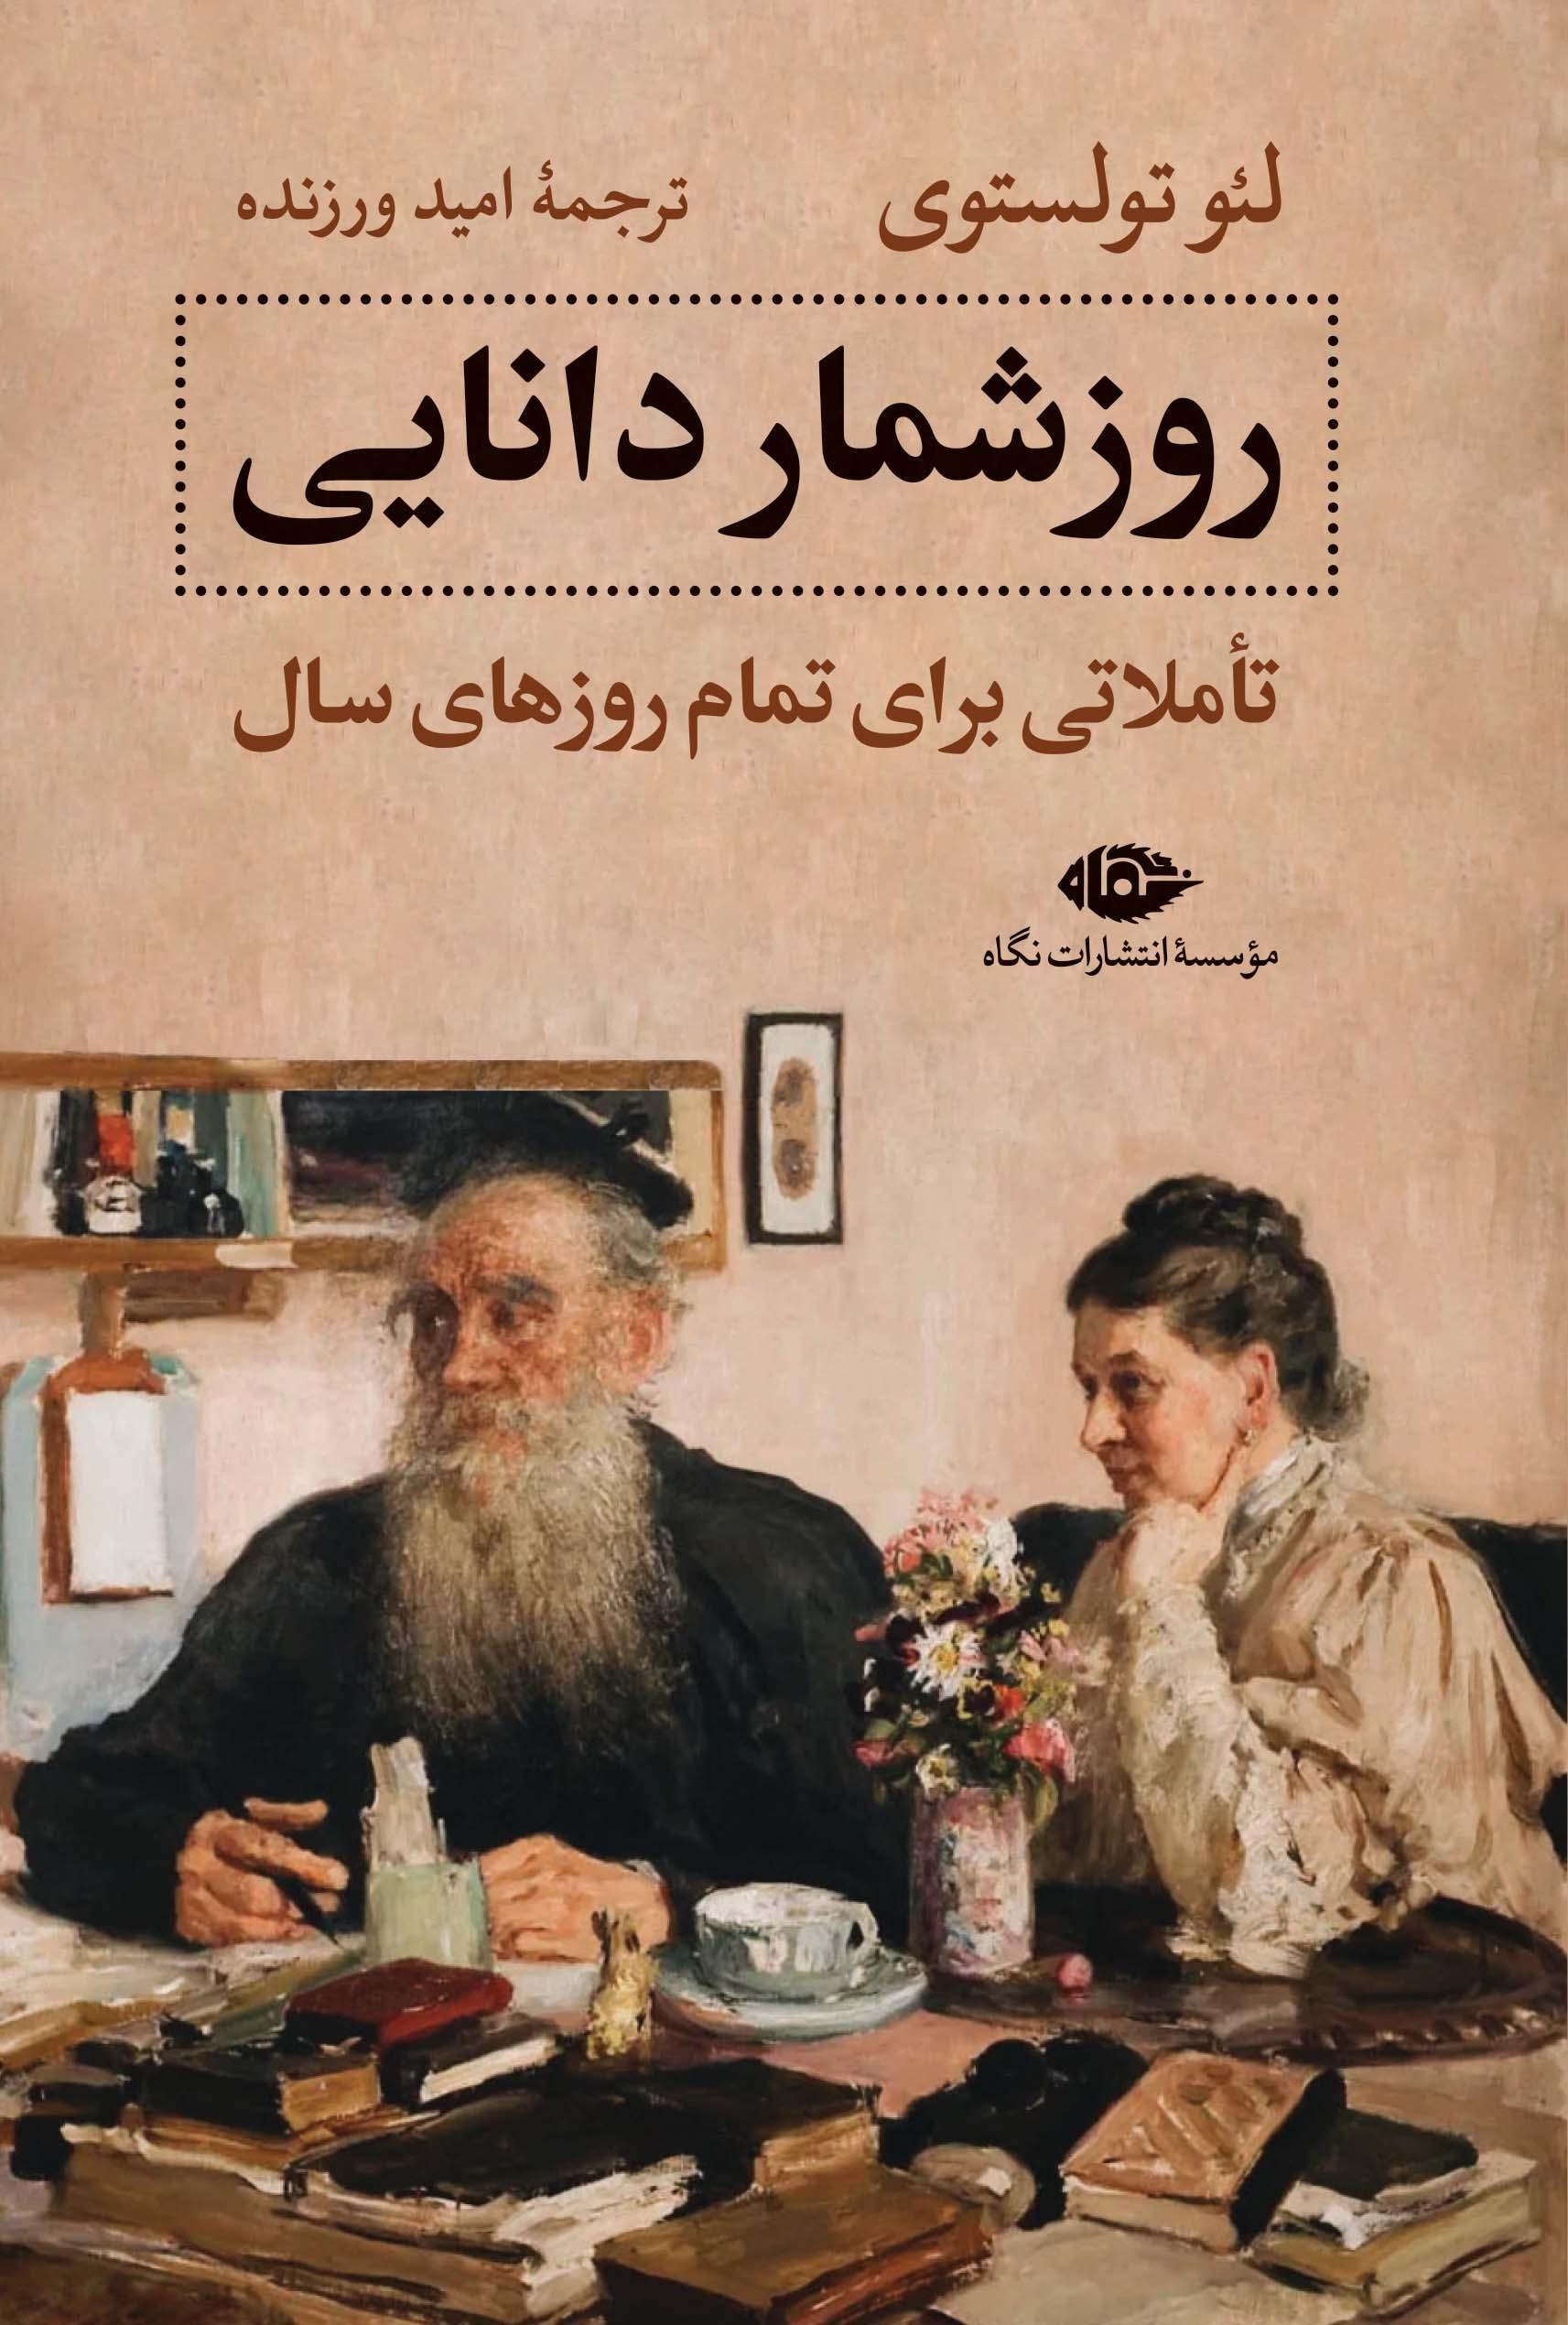 کتاب روزشمار دانایی